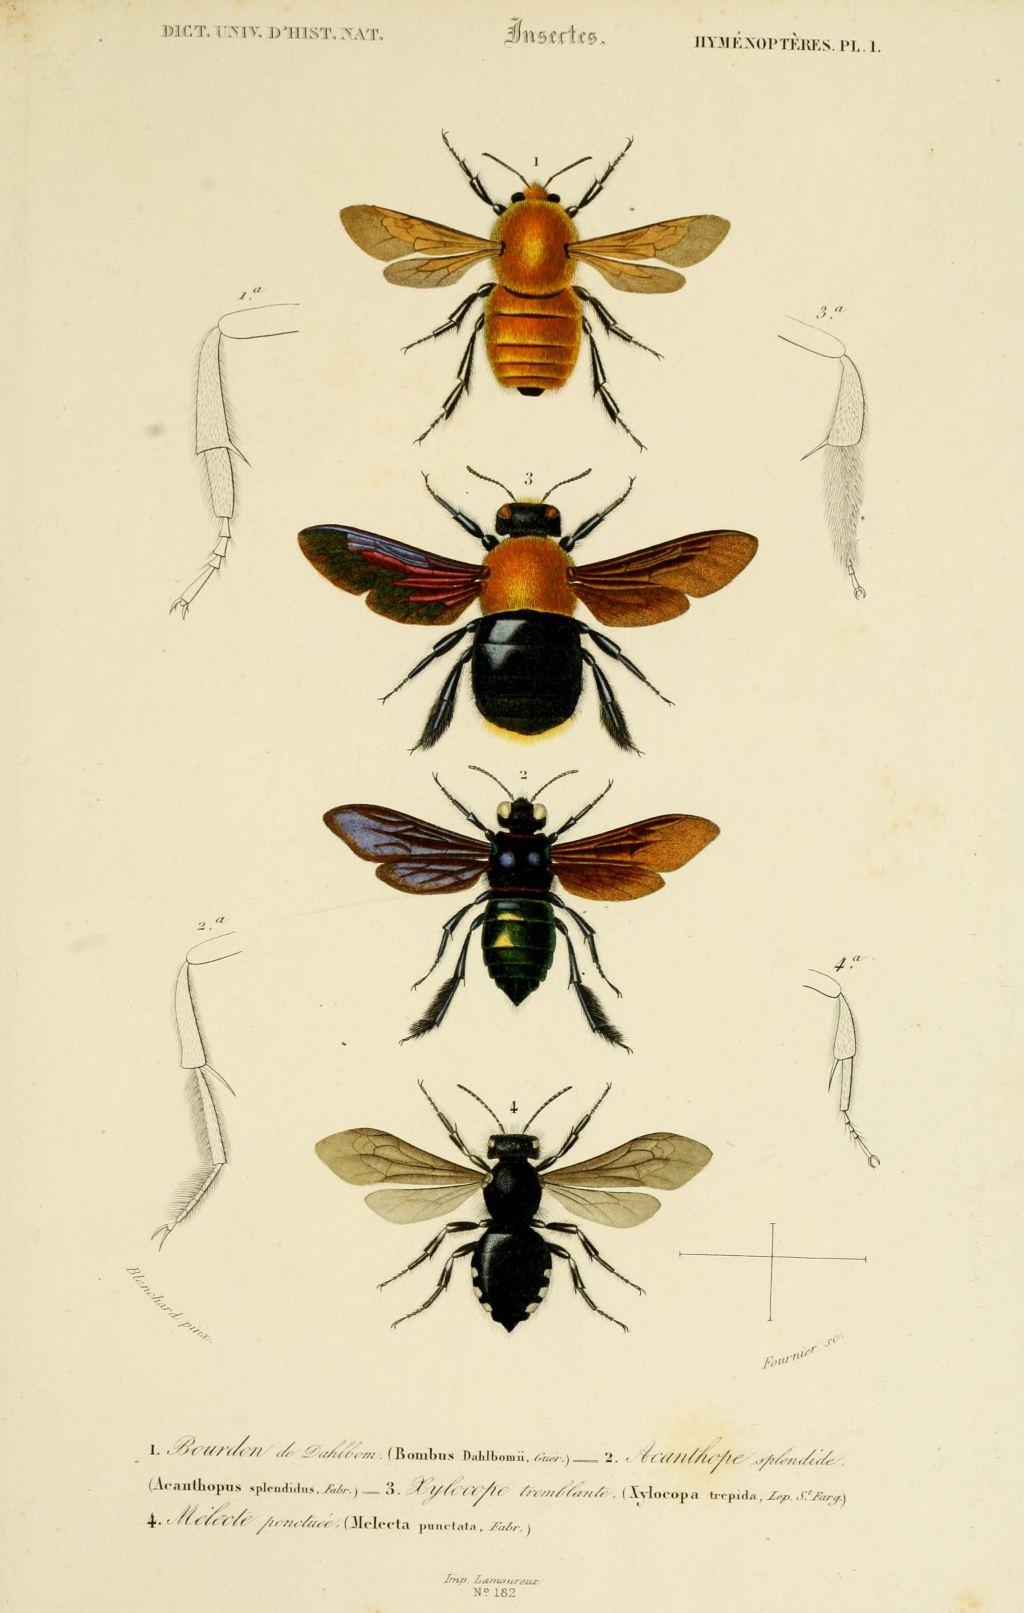 Gravures Couleur D'insectes - Dessin Insectes 0119 Acanthope dedans Les Noms Des Insectes